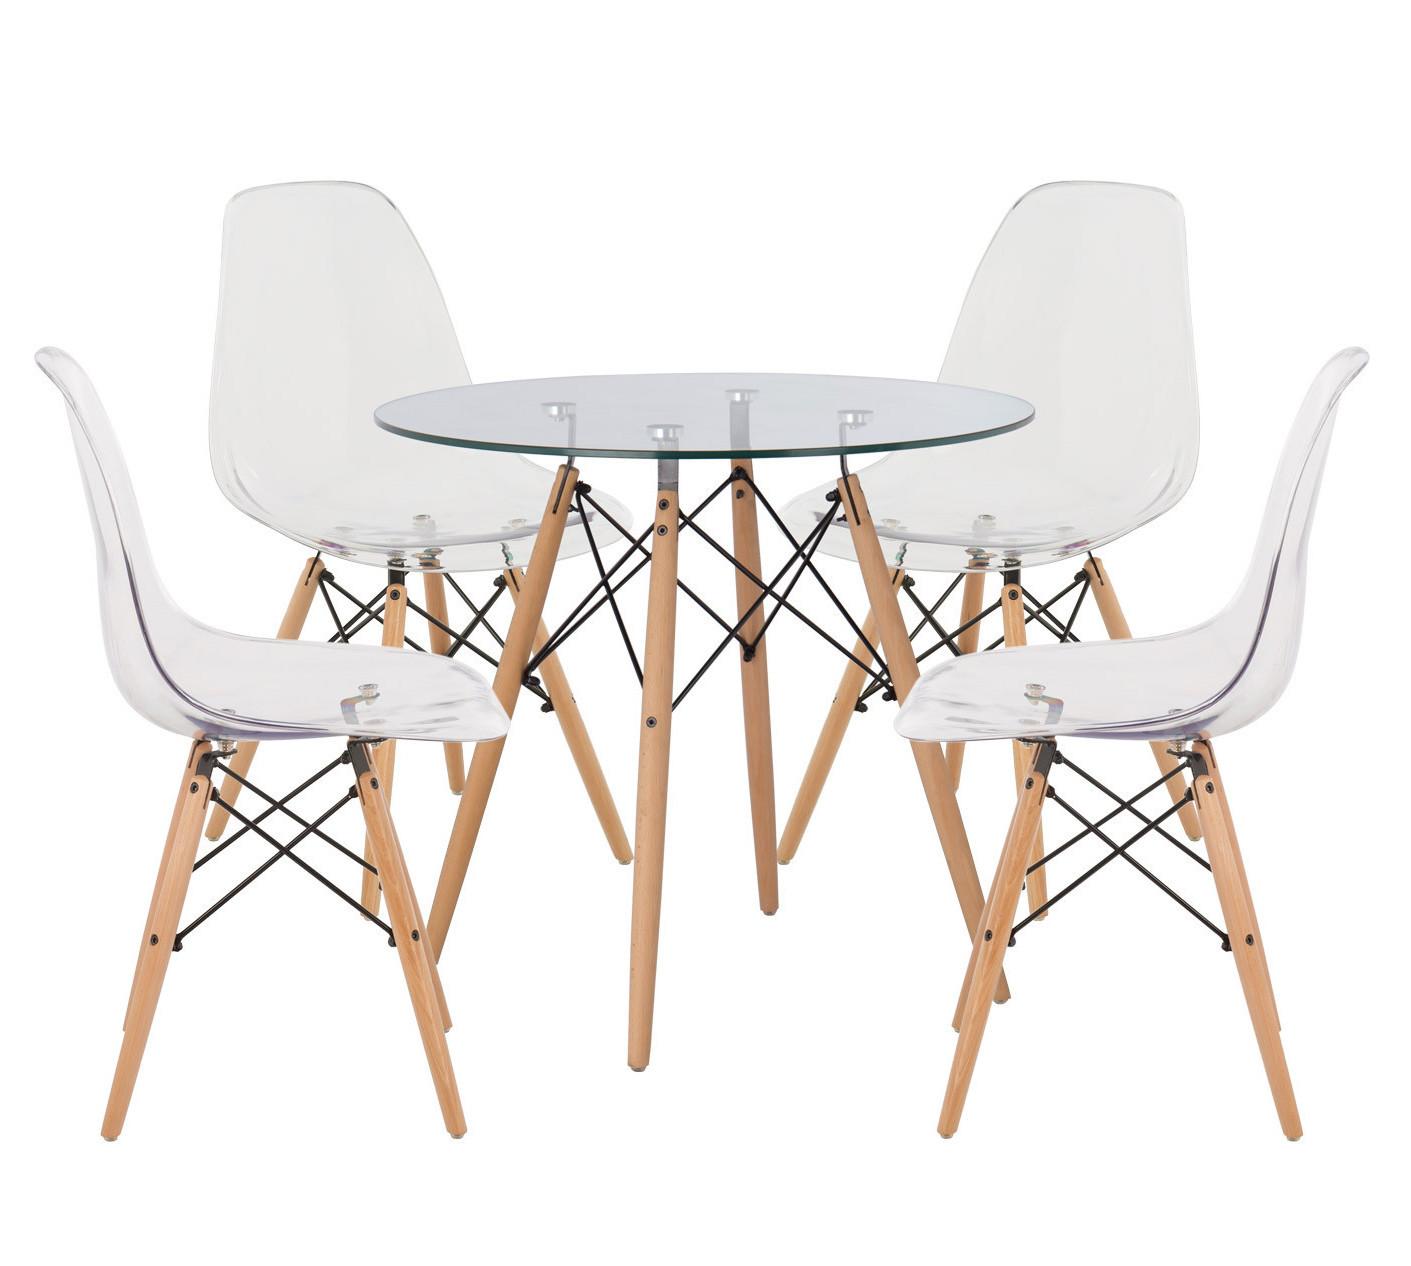 ensemble table ronde 80 cm et 4 chaises bois naturel et transparent bistrol